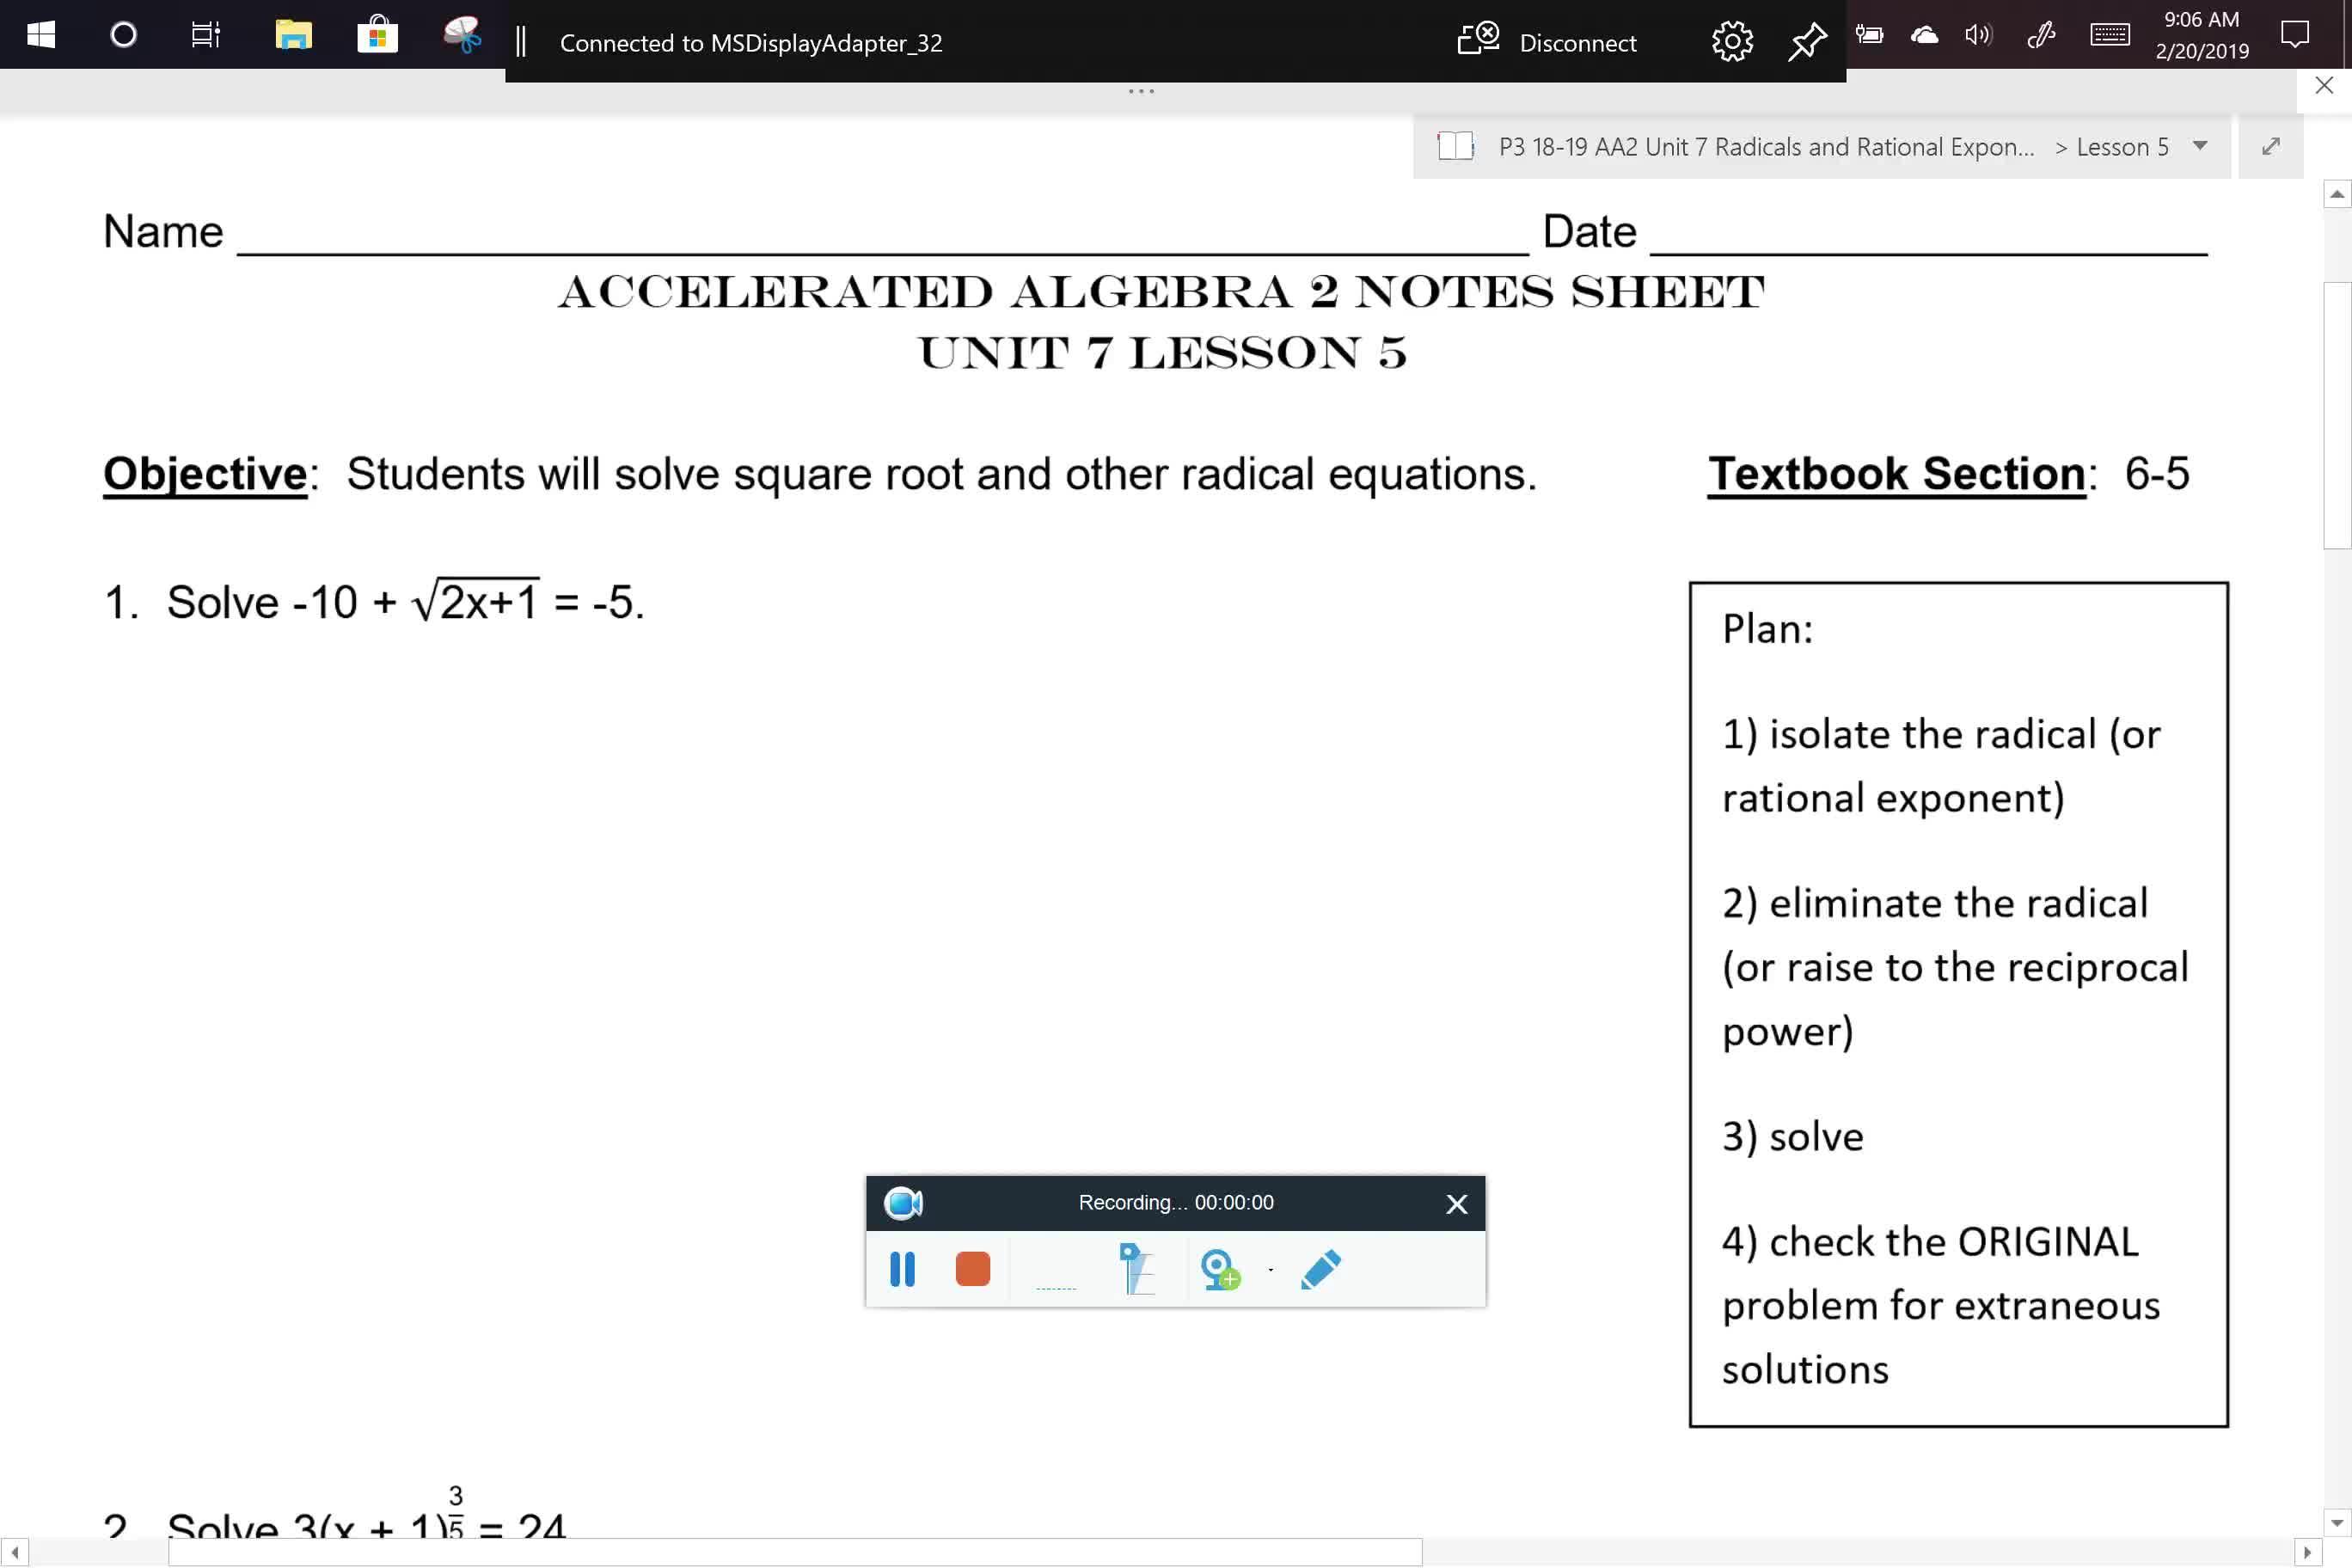 AA2 U7L5 Notes